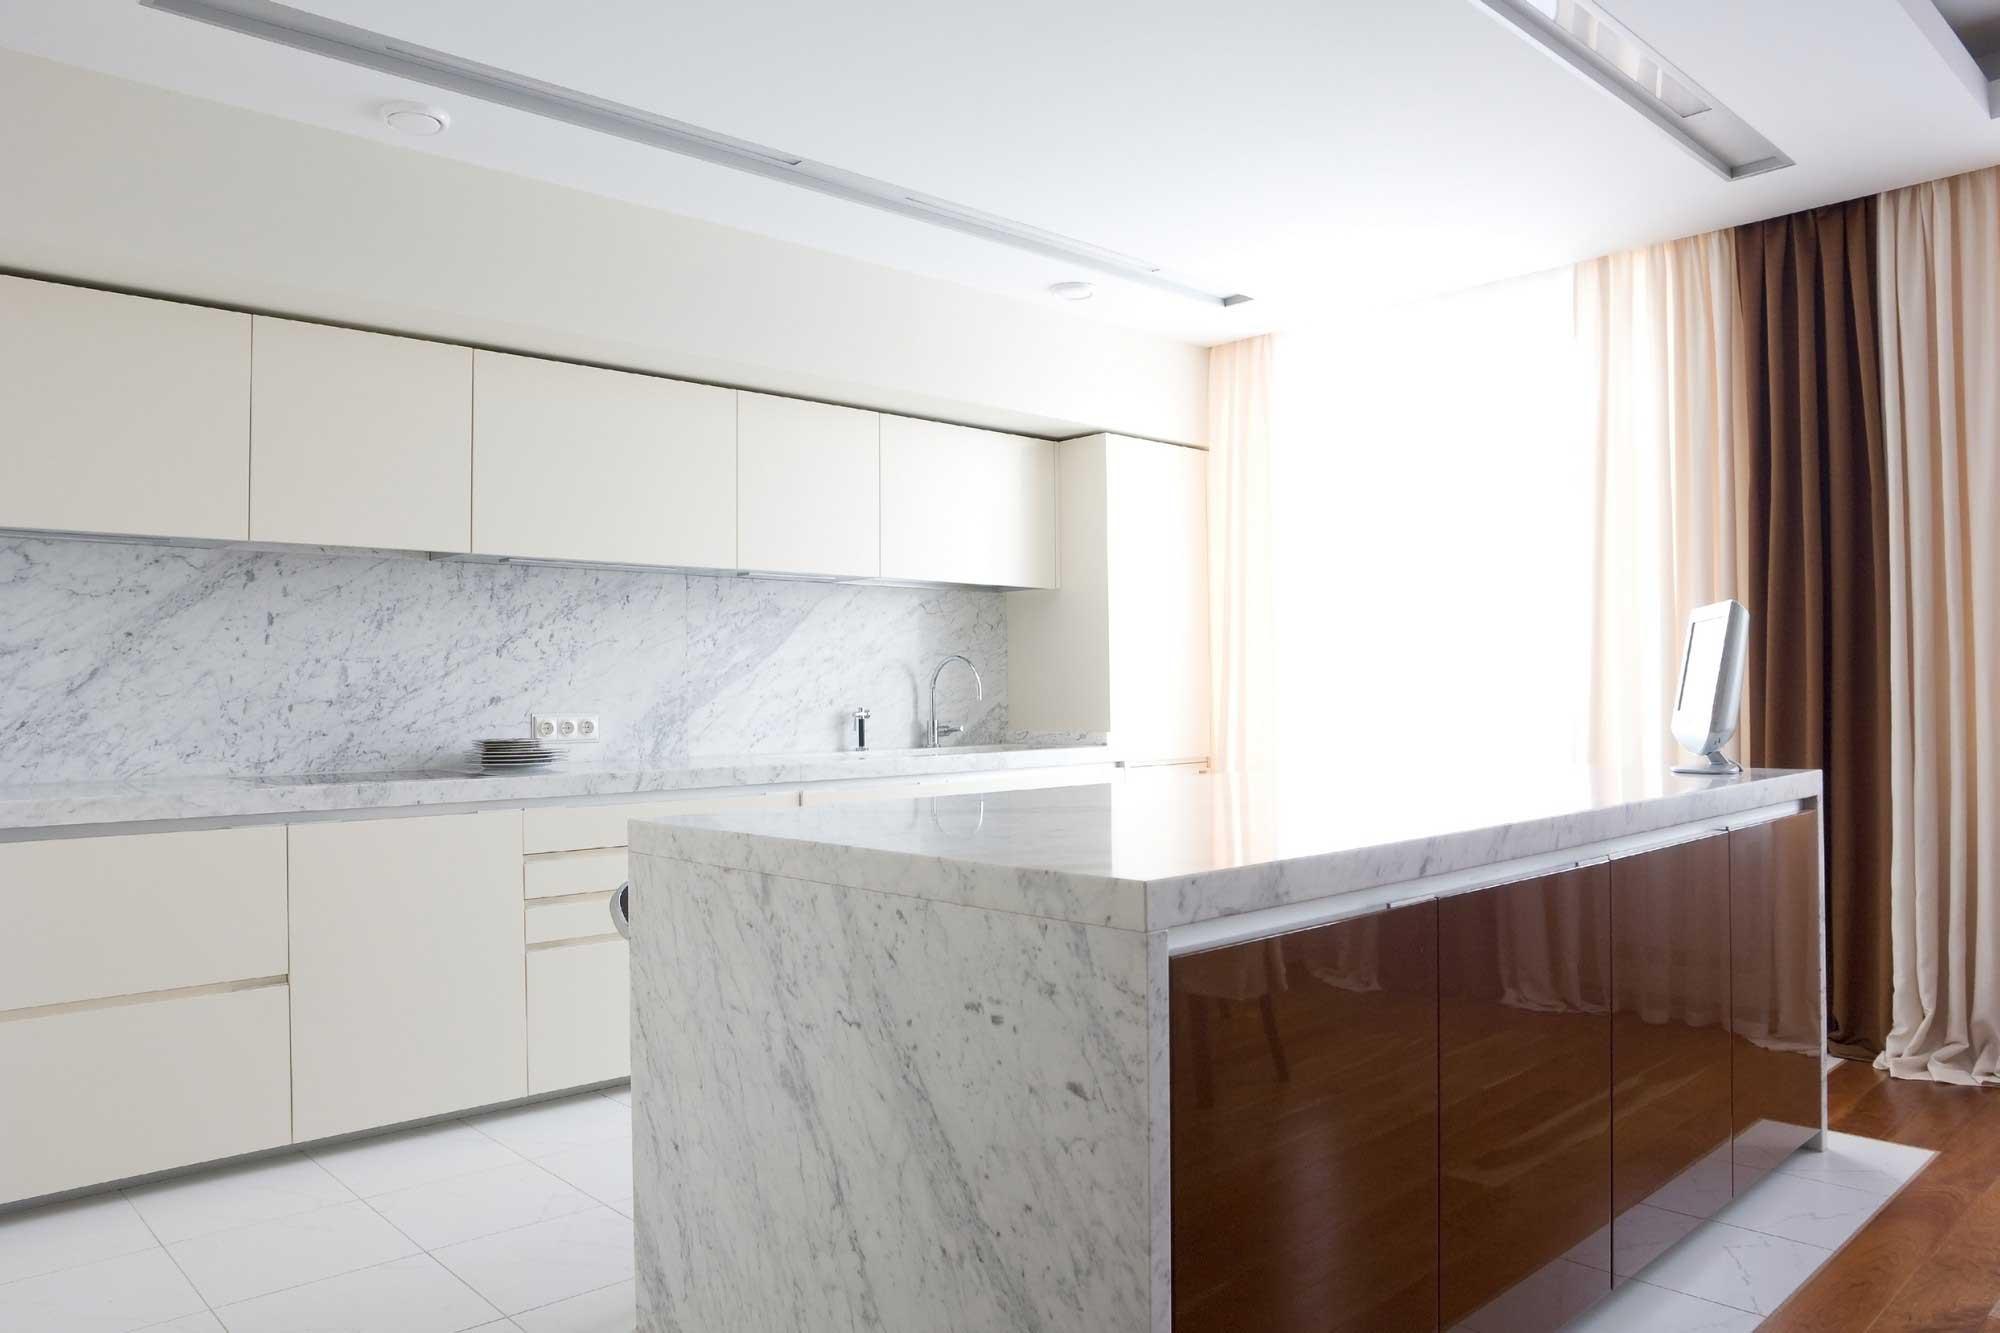 Carrara marble KItchen countertop